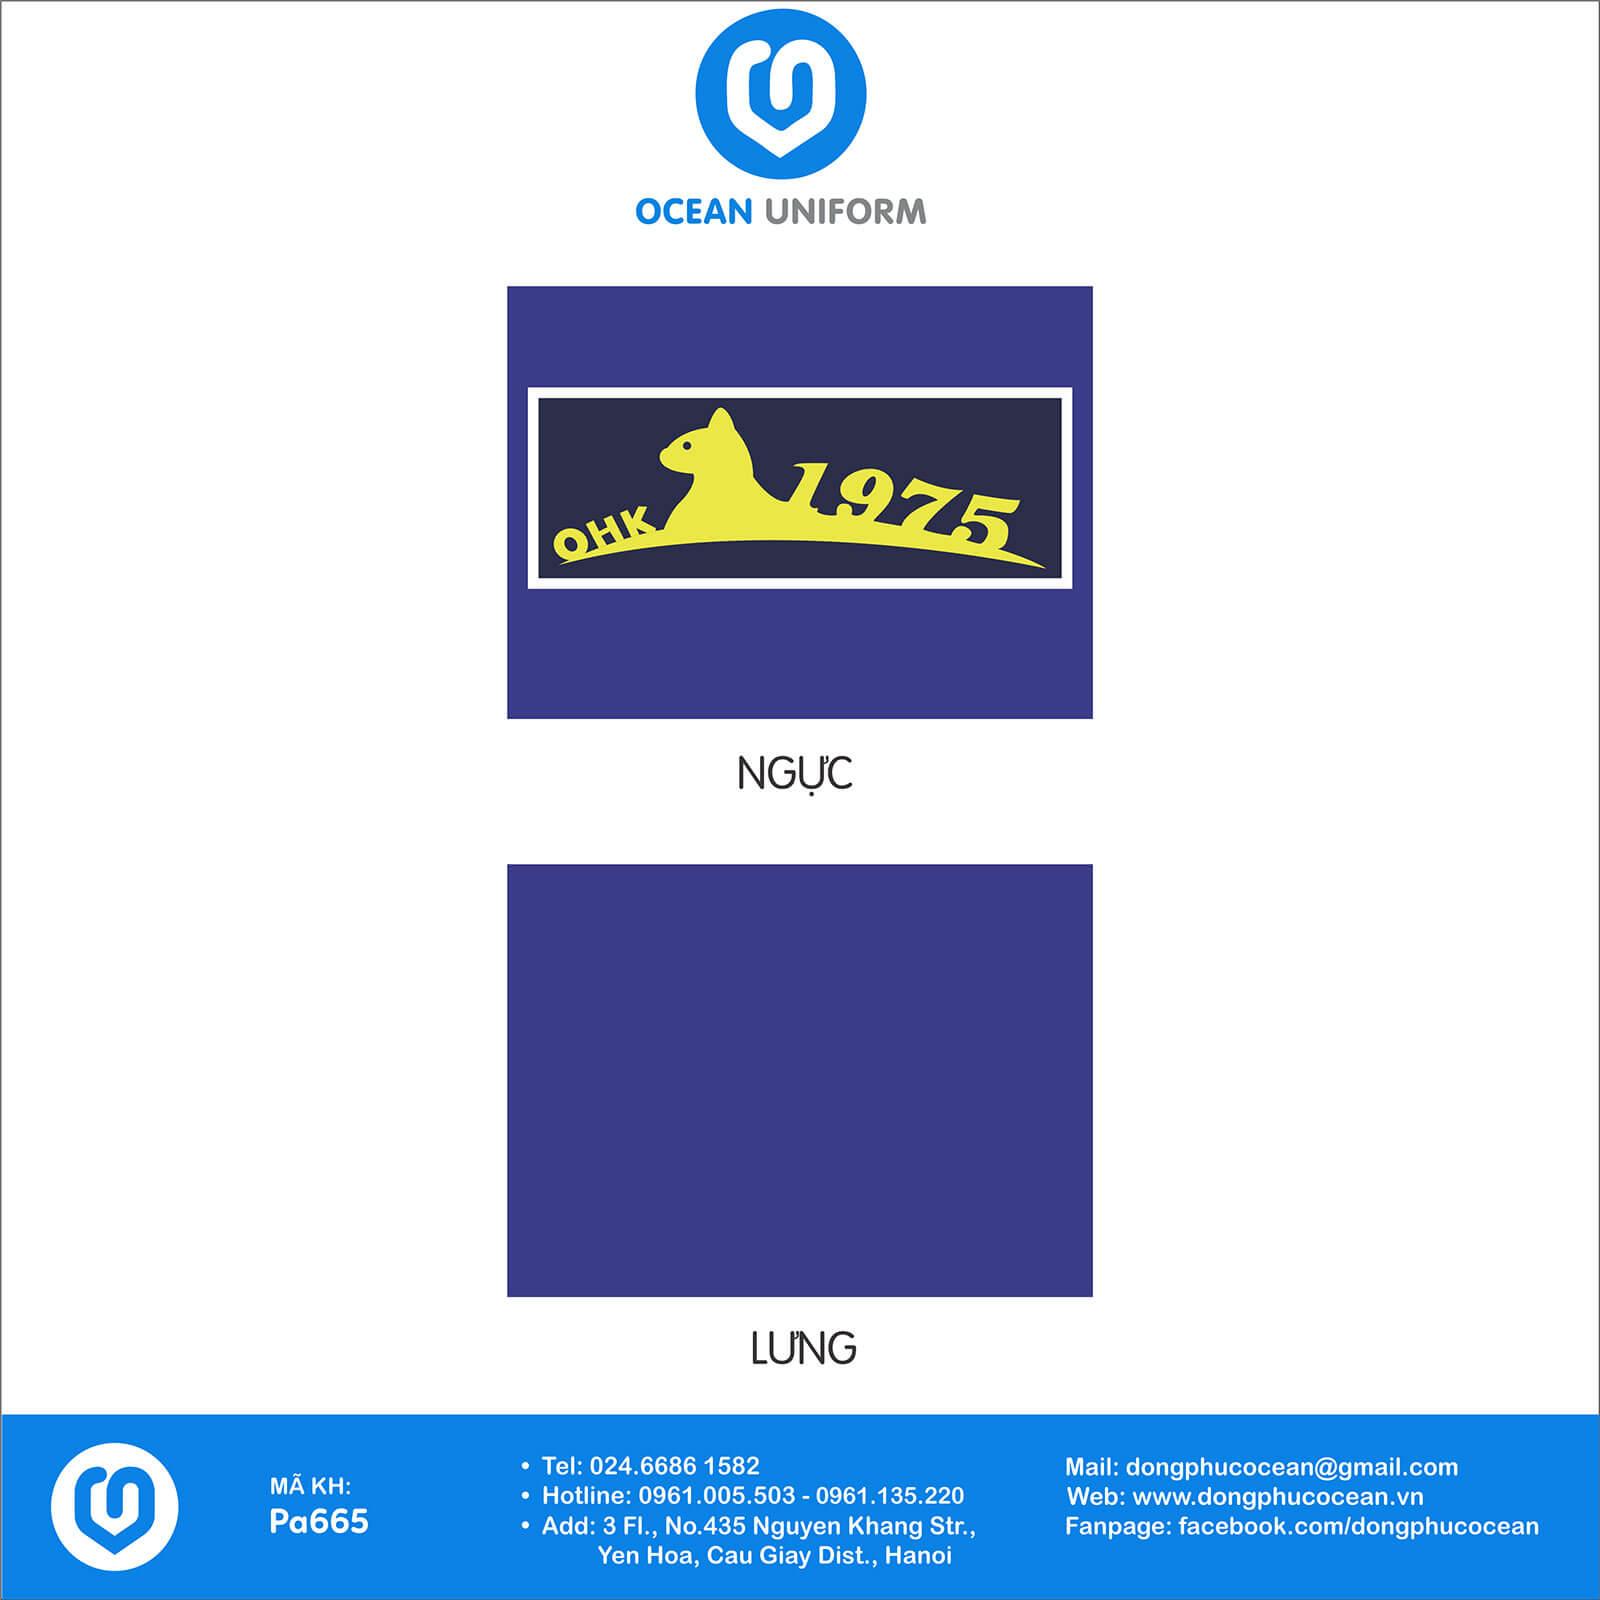 Hoạ tiết áo nhóm OHK 1975